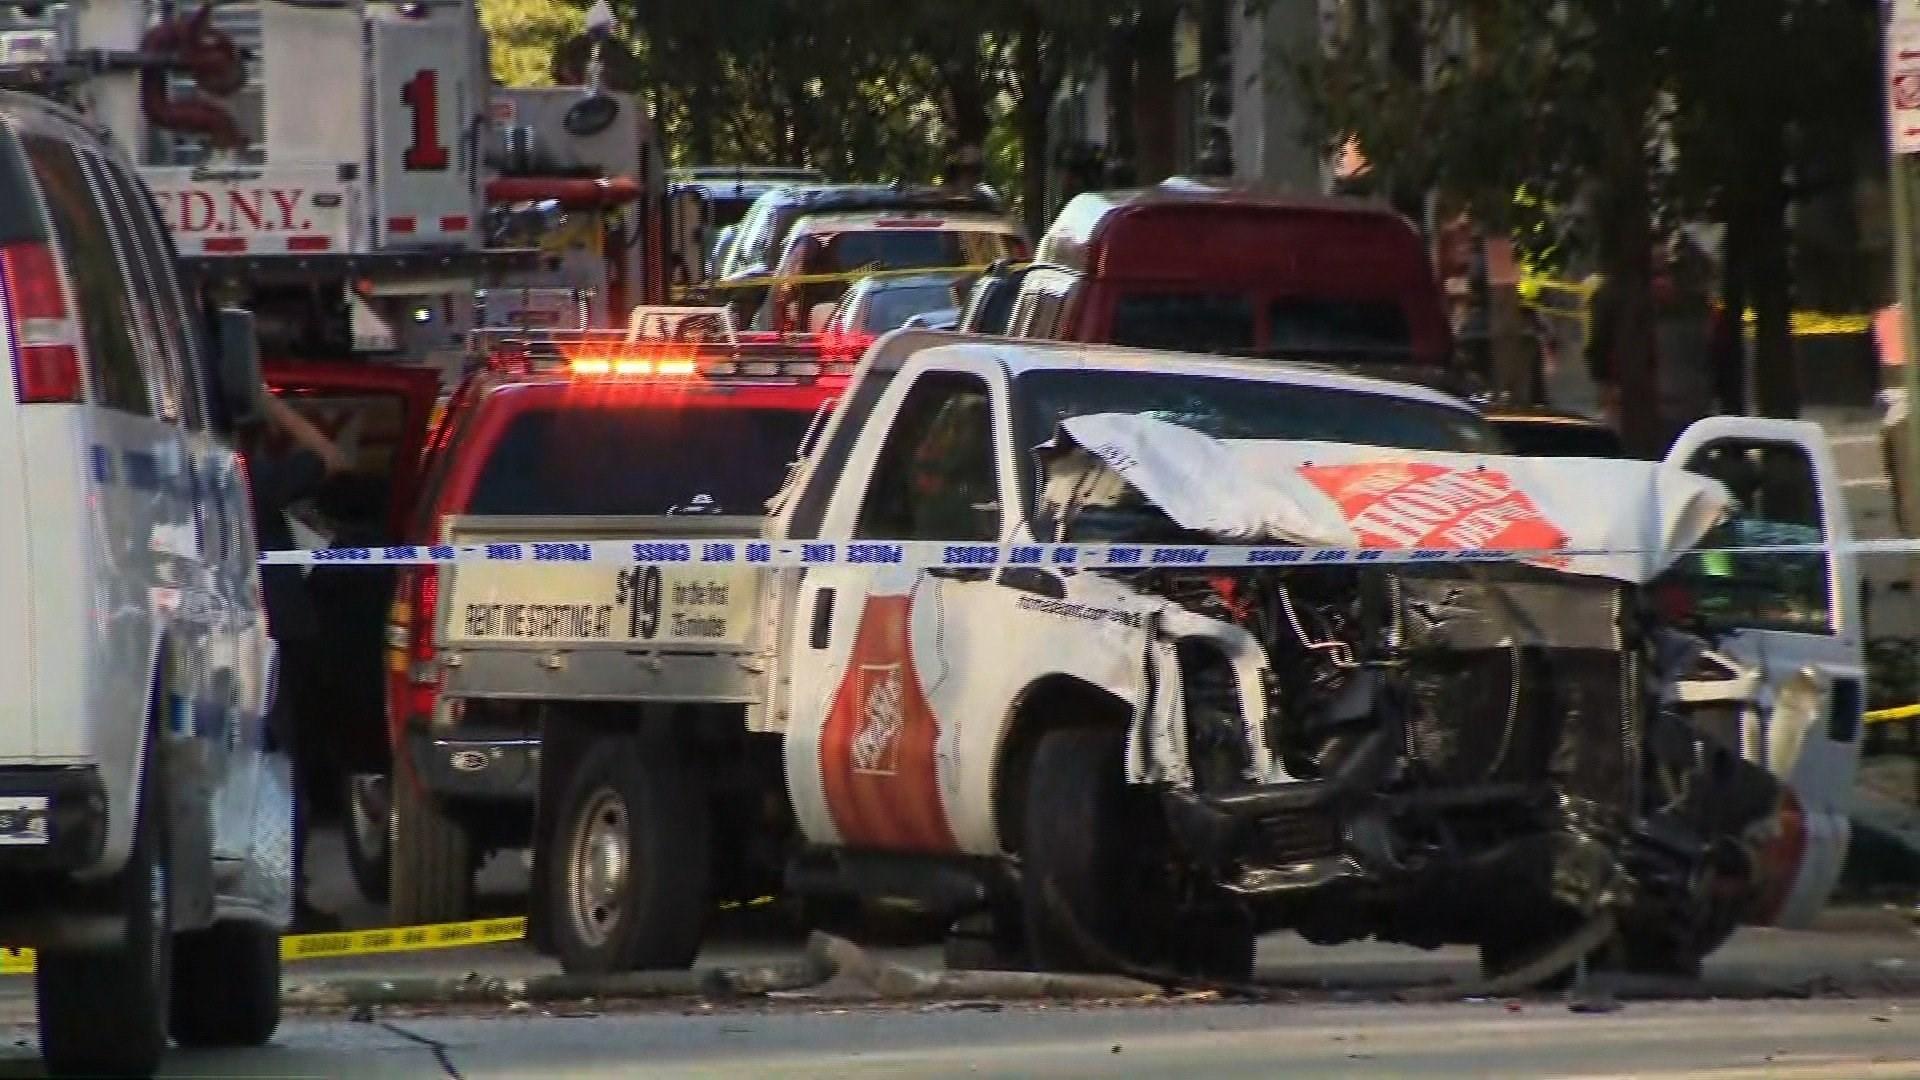 Xe tải đi ngược chiều được cho là khủng bố ở New York- 6 người chết, nhiều người bị thương